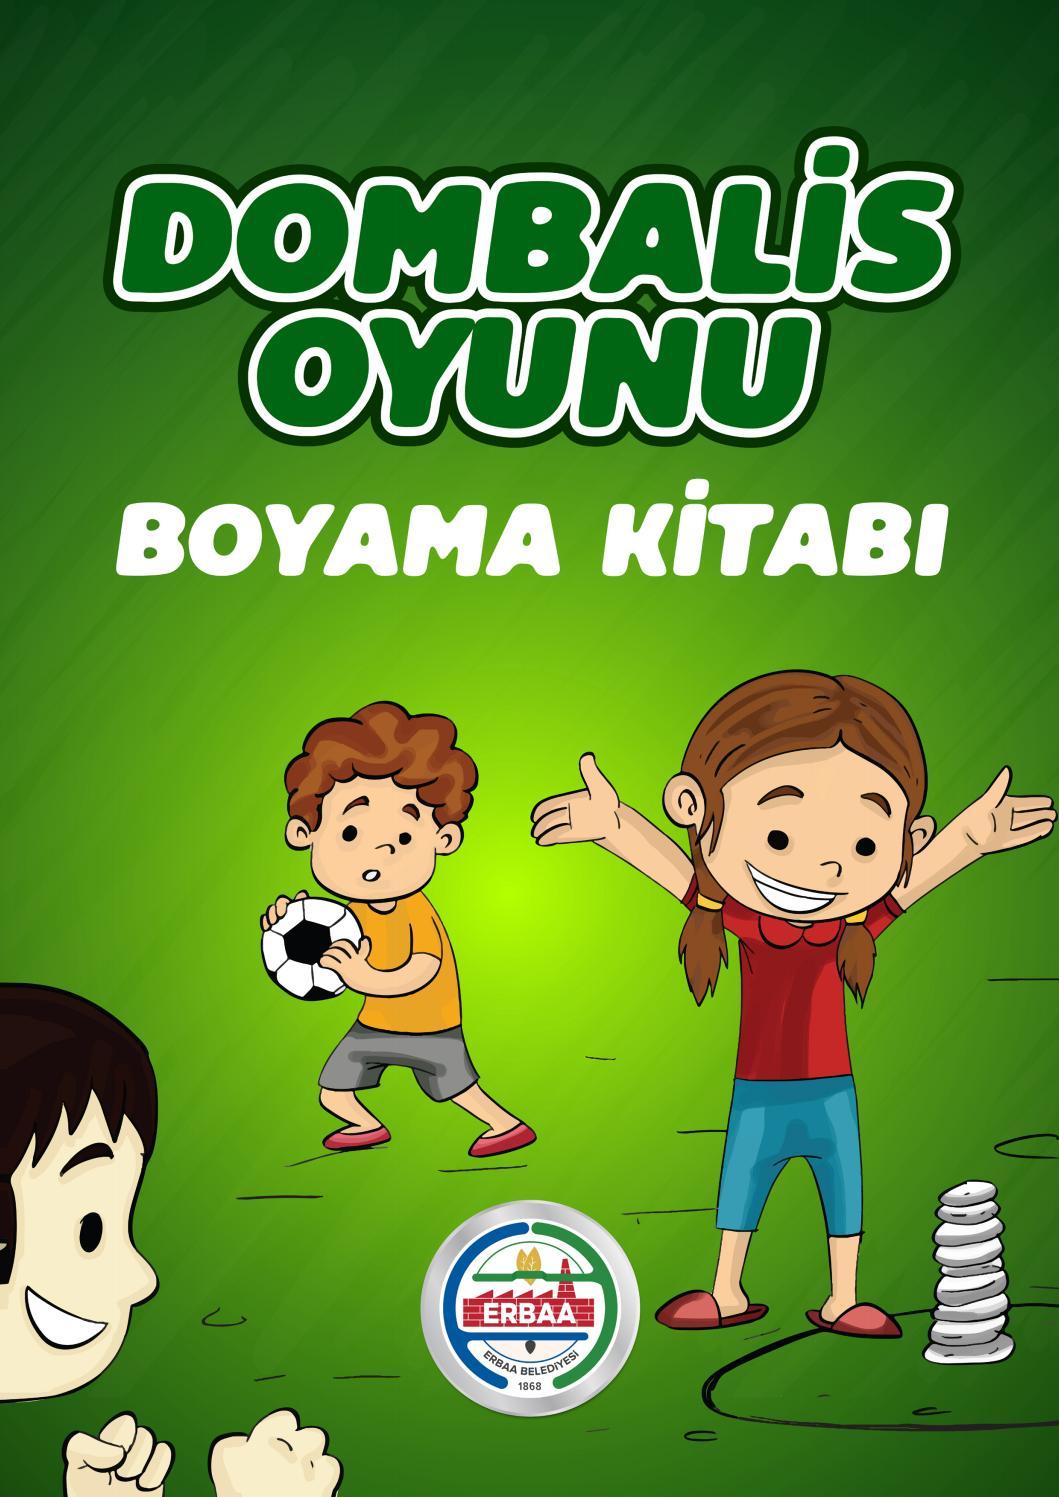 Dombalis Oyunu Boyama Kitabi By Erbaa Belediyesi Issuu